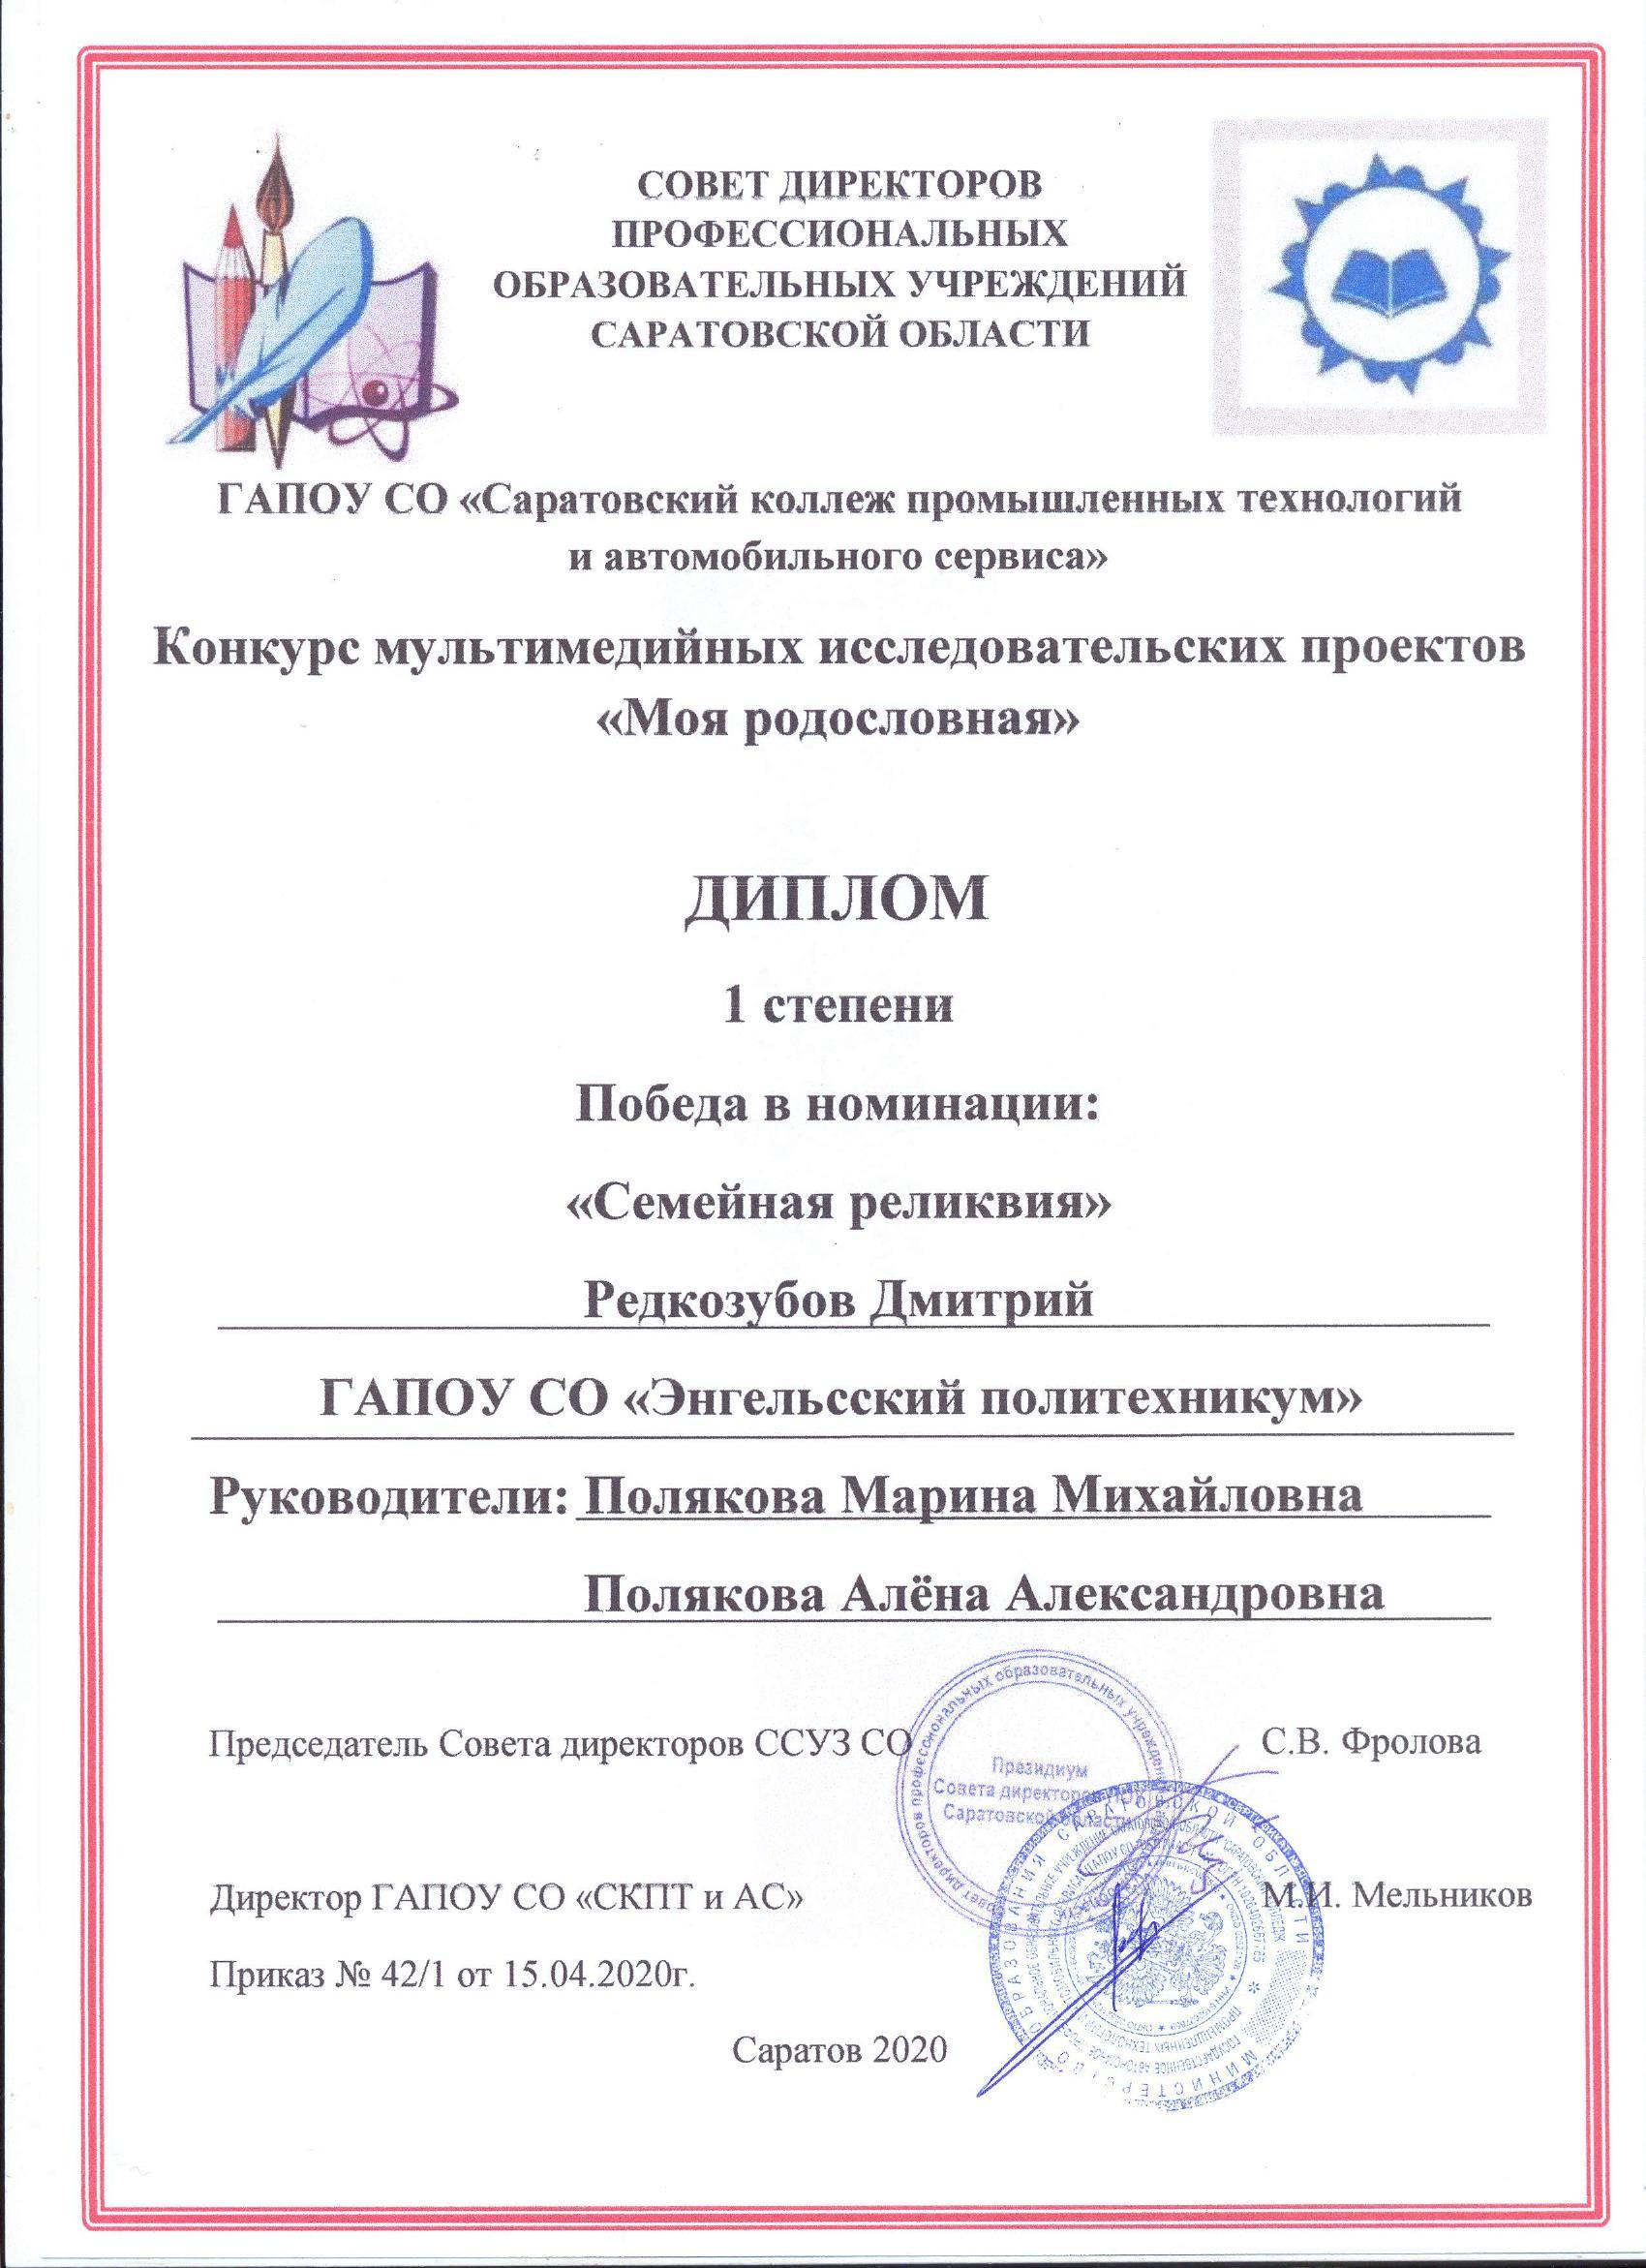 http://politehnikum-eng.ru/2020/06_01/80.jpg